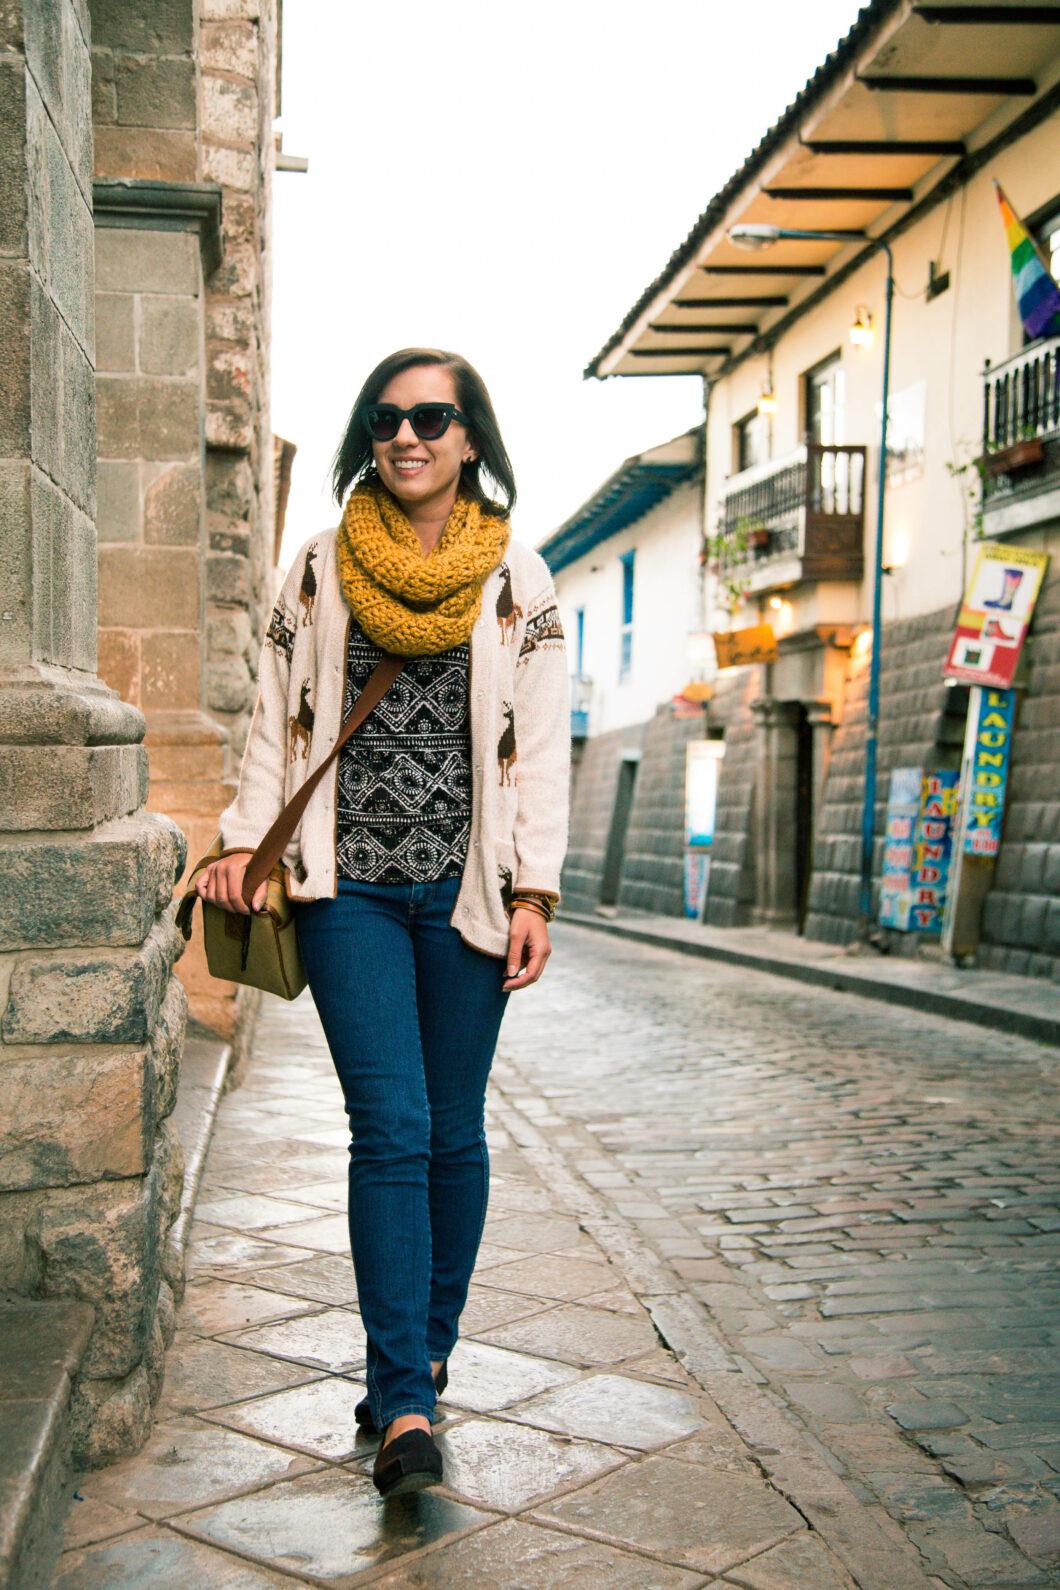 Alpaca sweater - Cusco Peru travel outfit